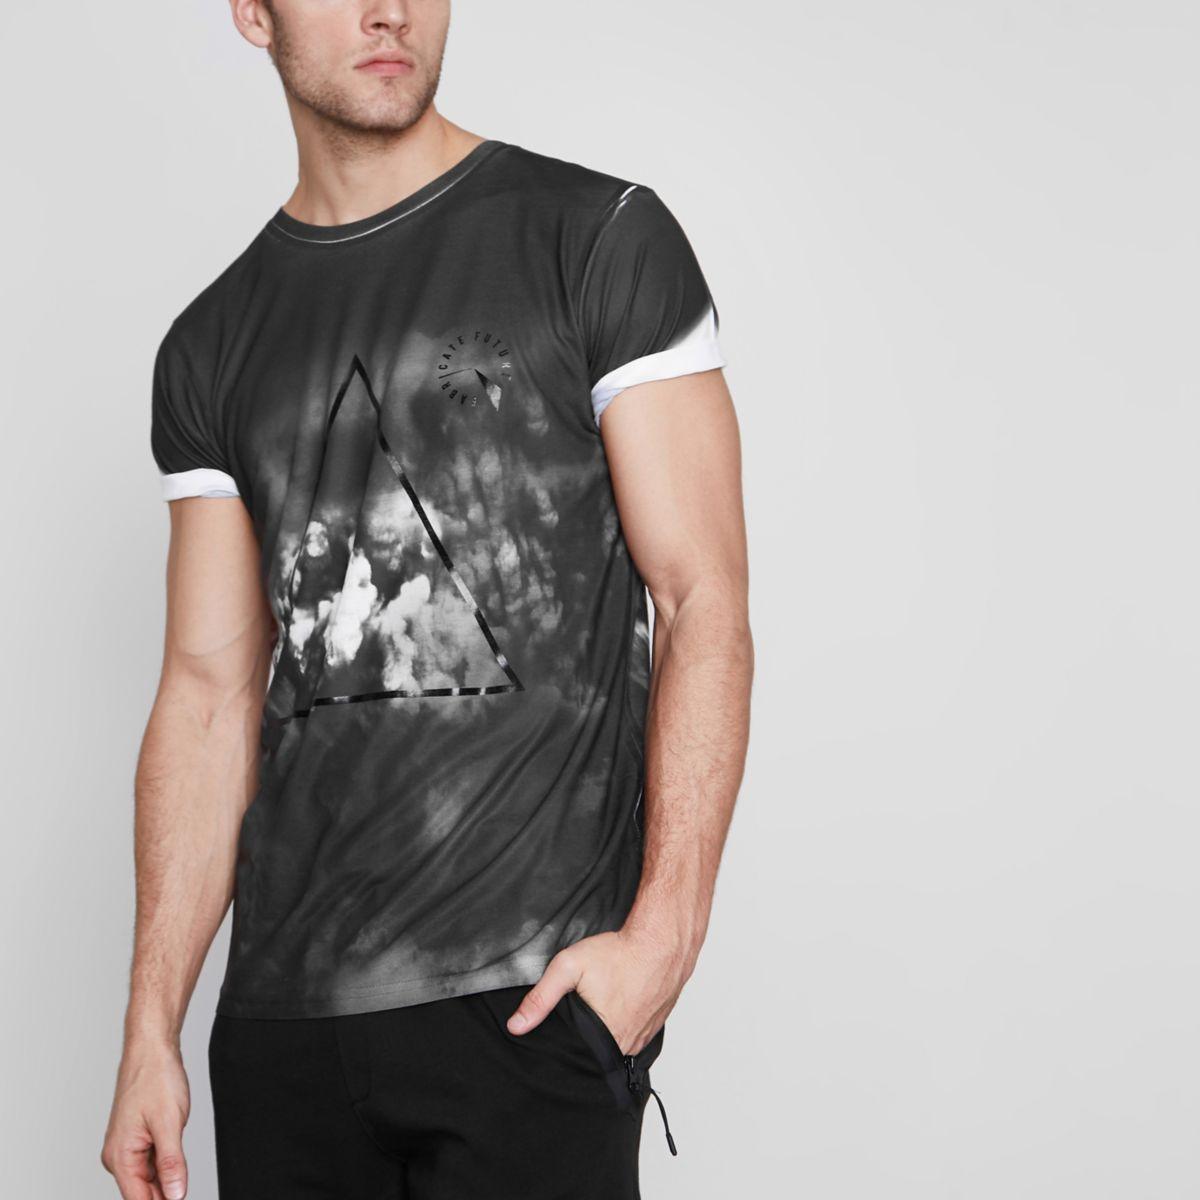 T-Shirt mit Wolkenmotiv im Mono-Look